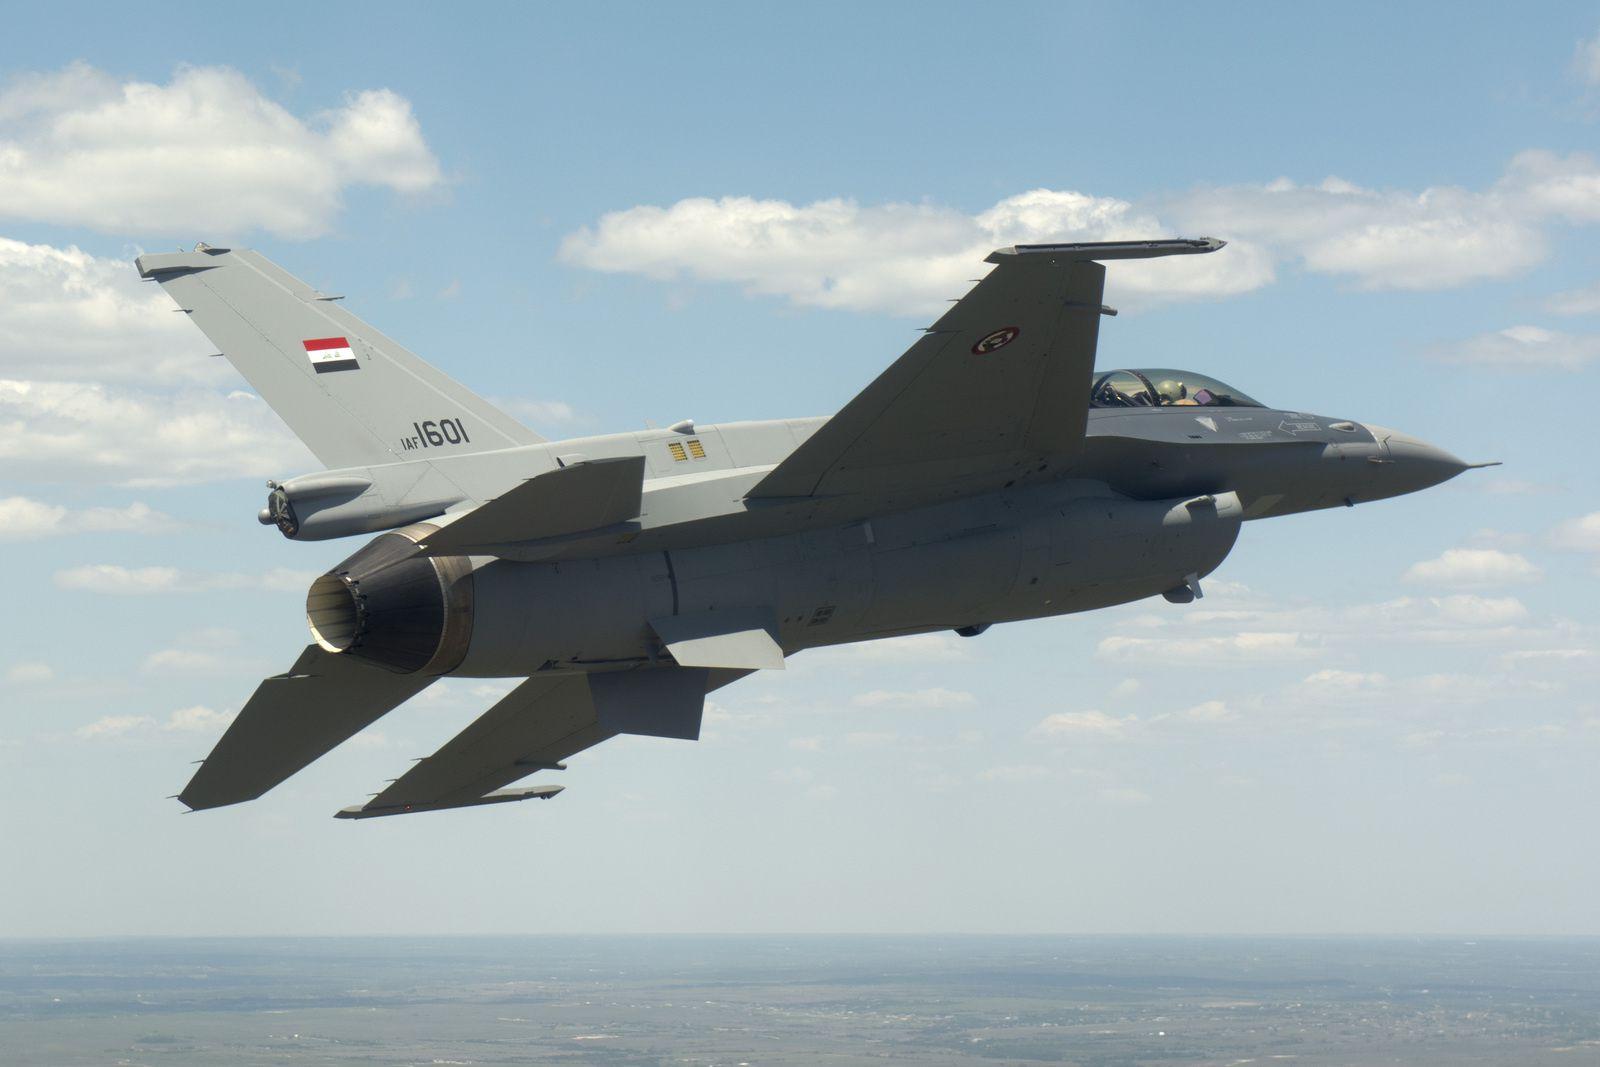 Un élève-pilote irakien se tue dans le crash de son F-16C/D